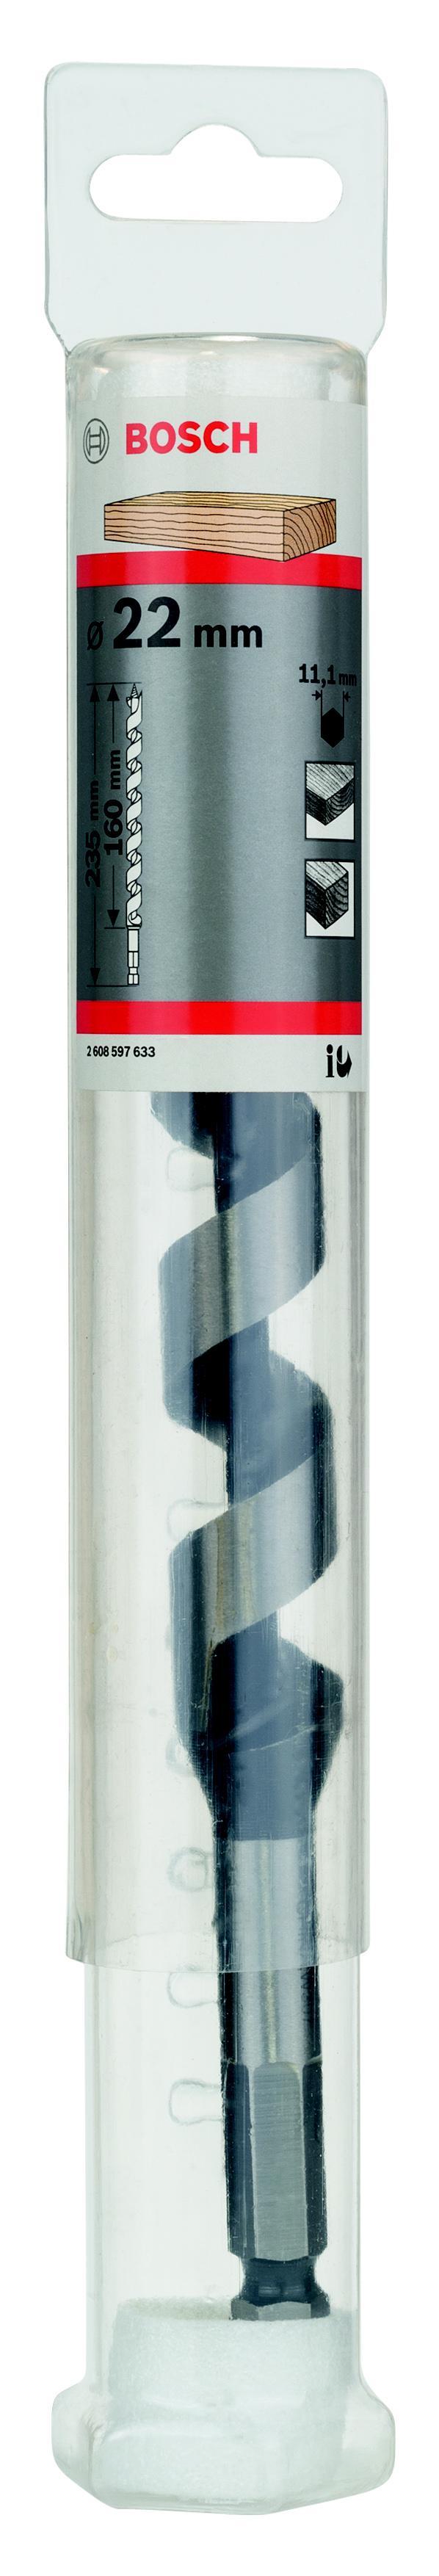 Сверло по дереву Bosch 2608597633 сверло по дереву винтовое hammer flex стандарт 24х460 мм